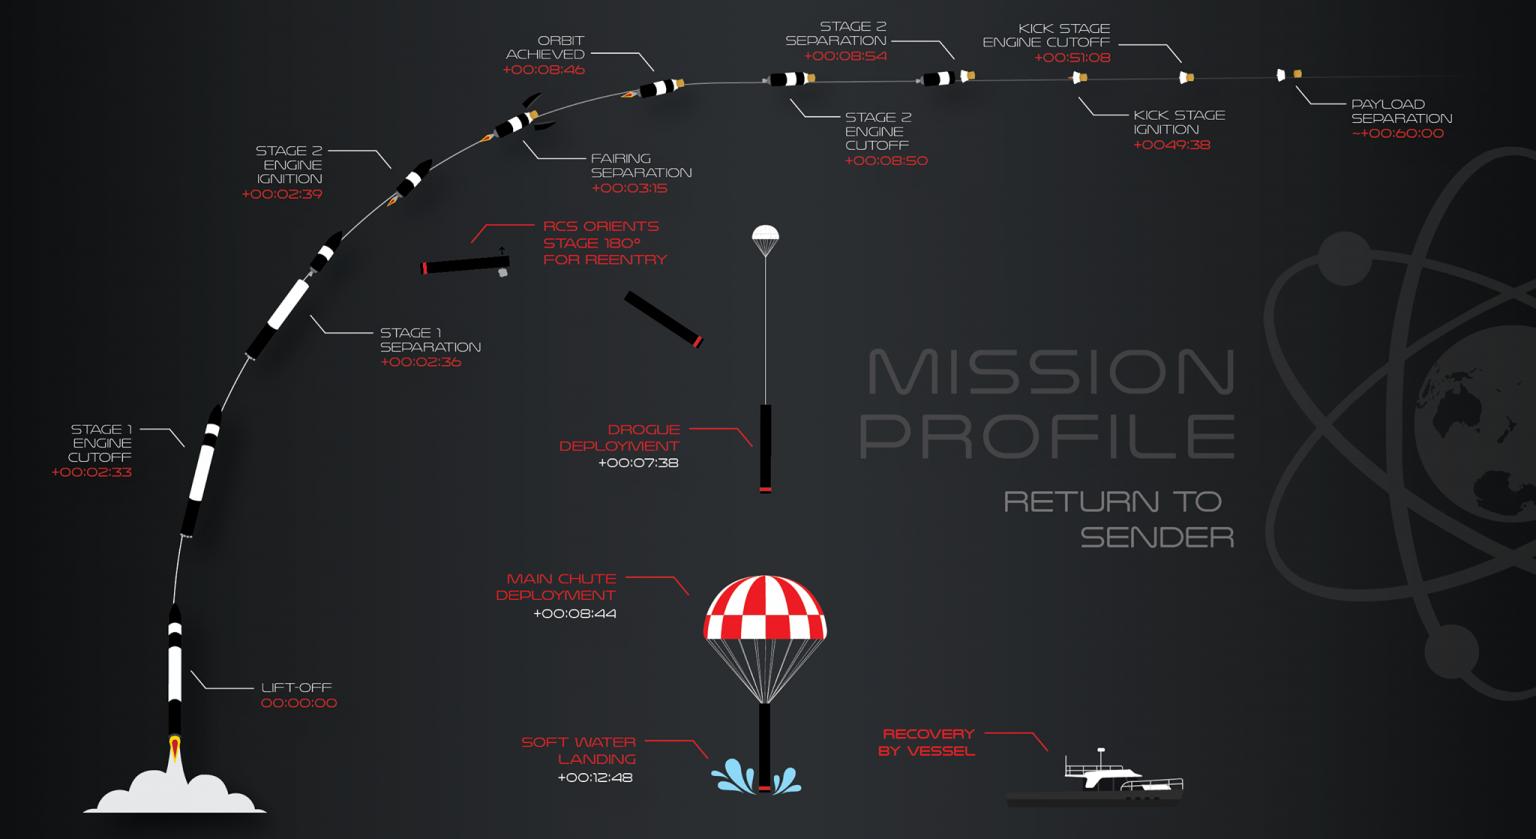 ロケット・ラブの「リターン・トゥ・センダー」ミッションが成功